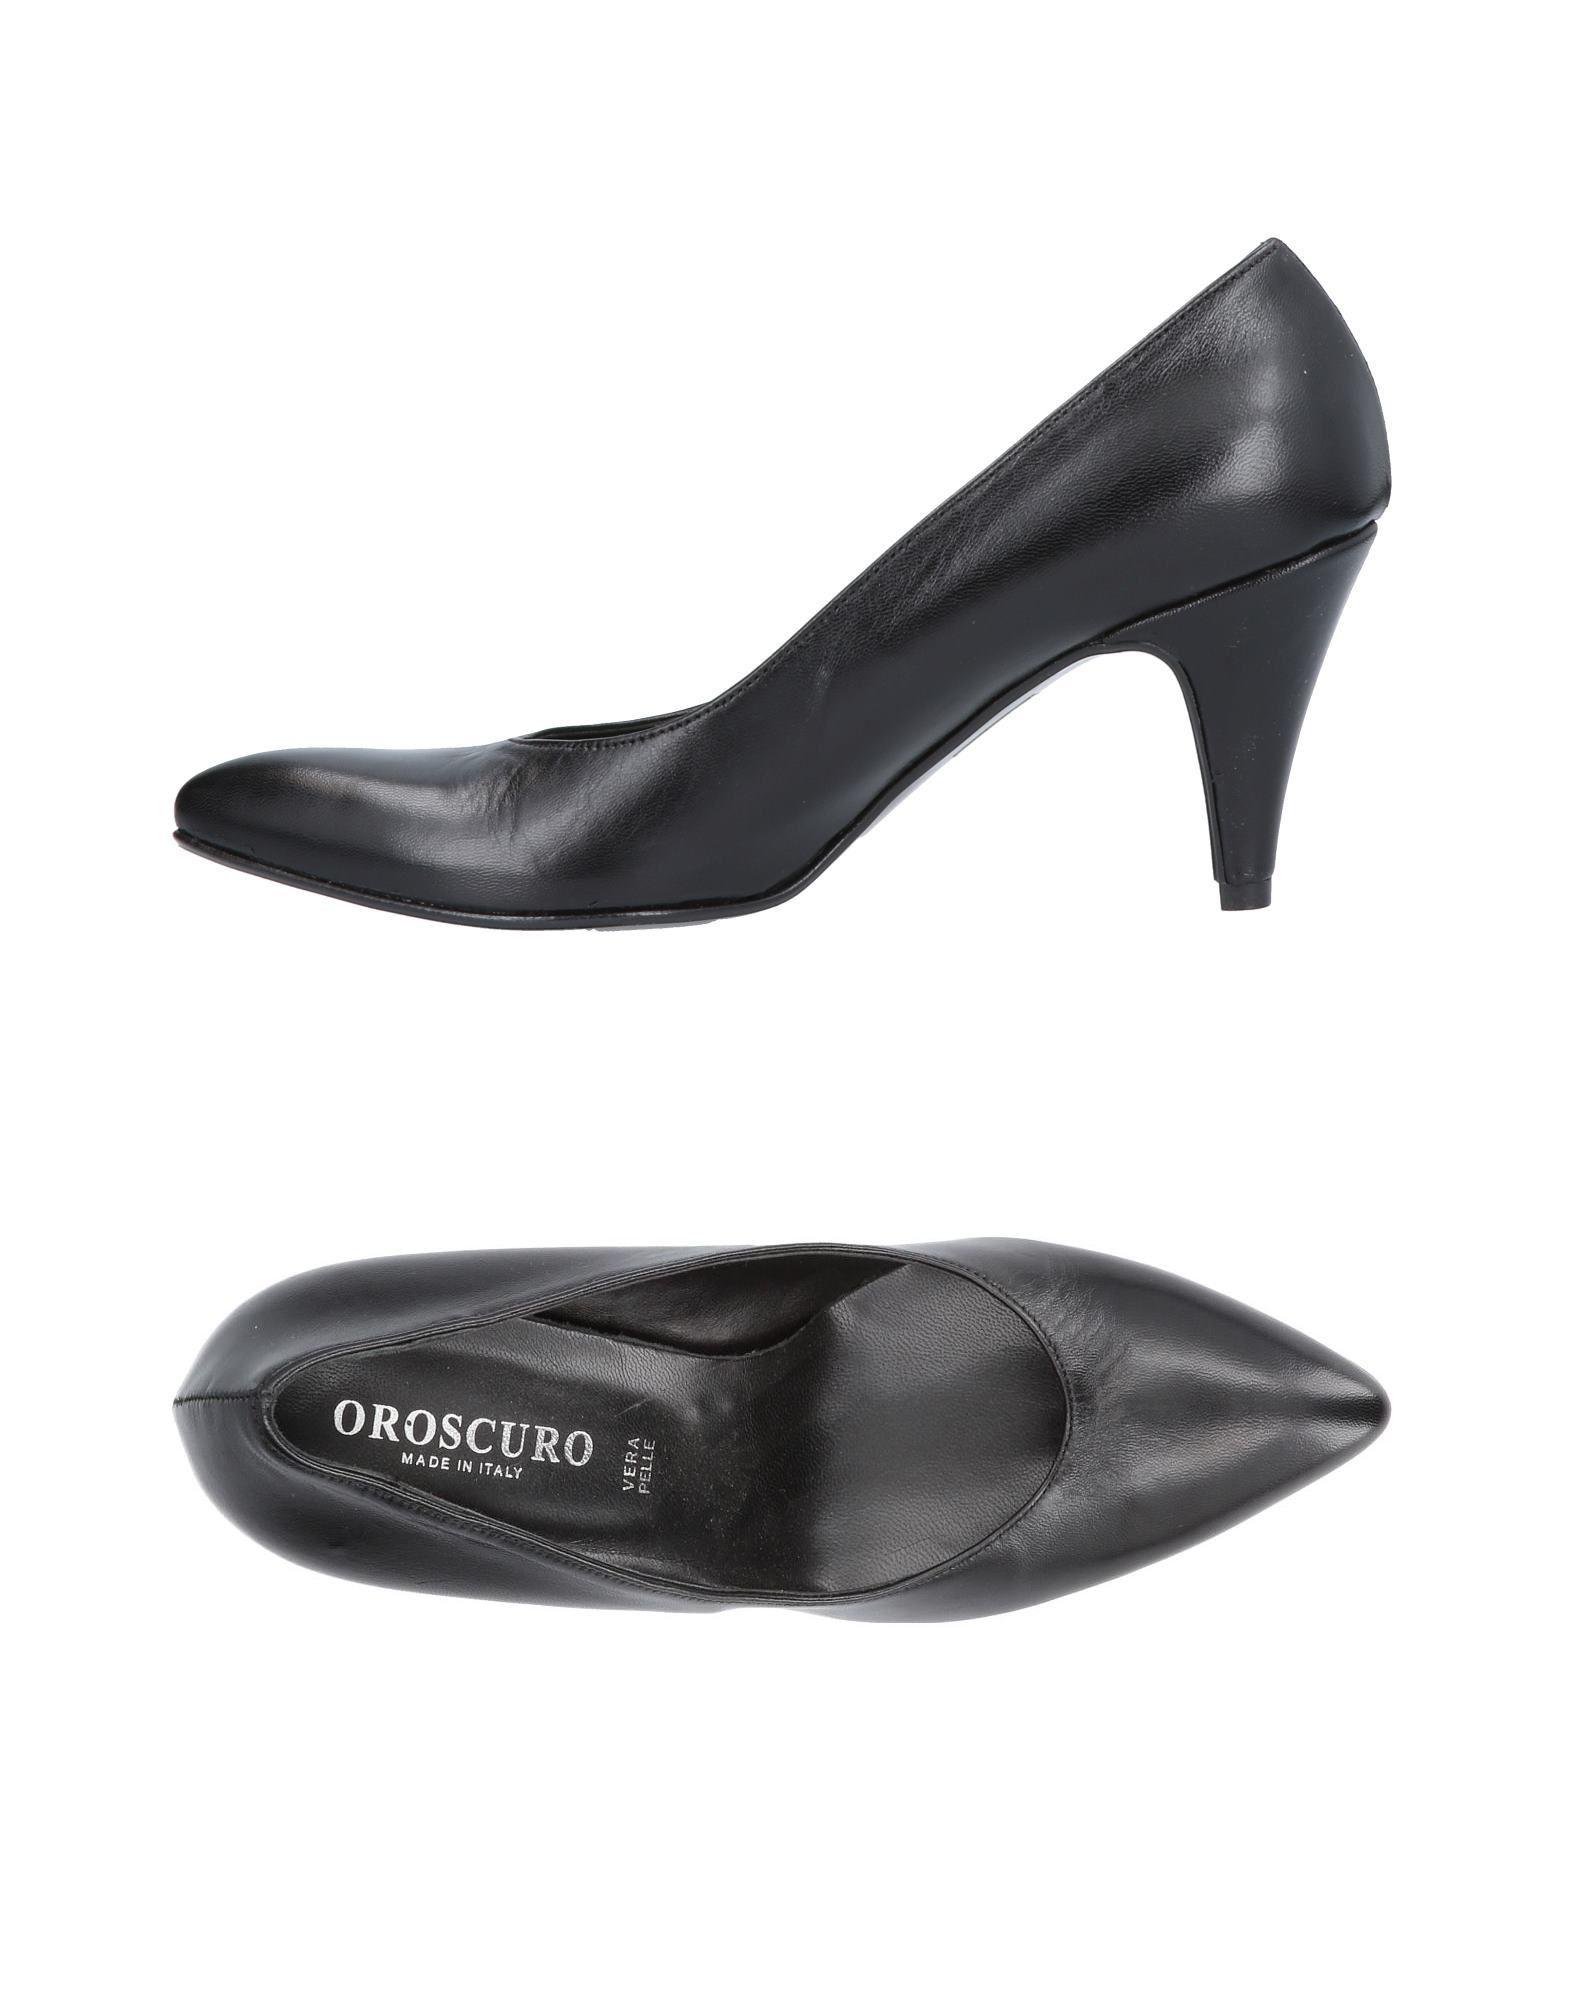 Oroscuro Gute Pumps Damen  11455368JU Gute Oroscuro Qualität beliebte Schuhe 86762e